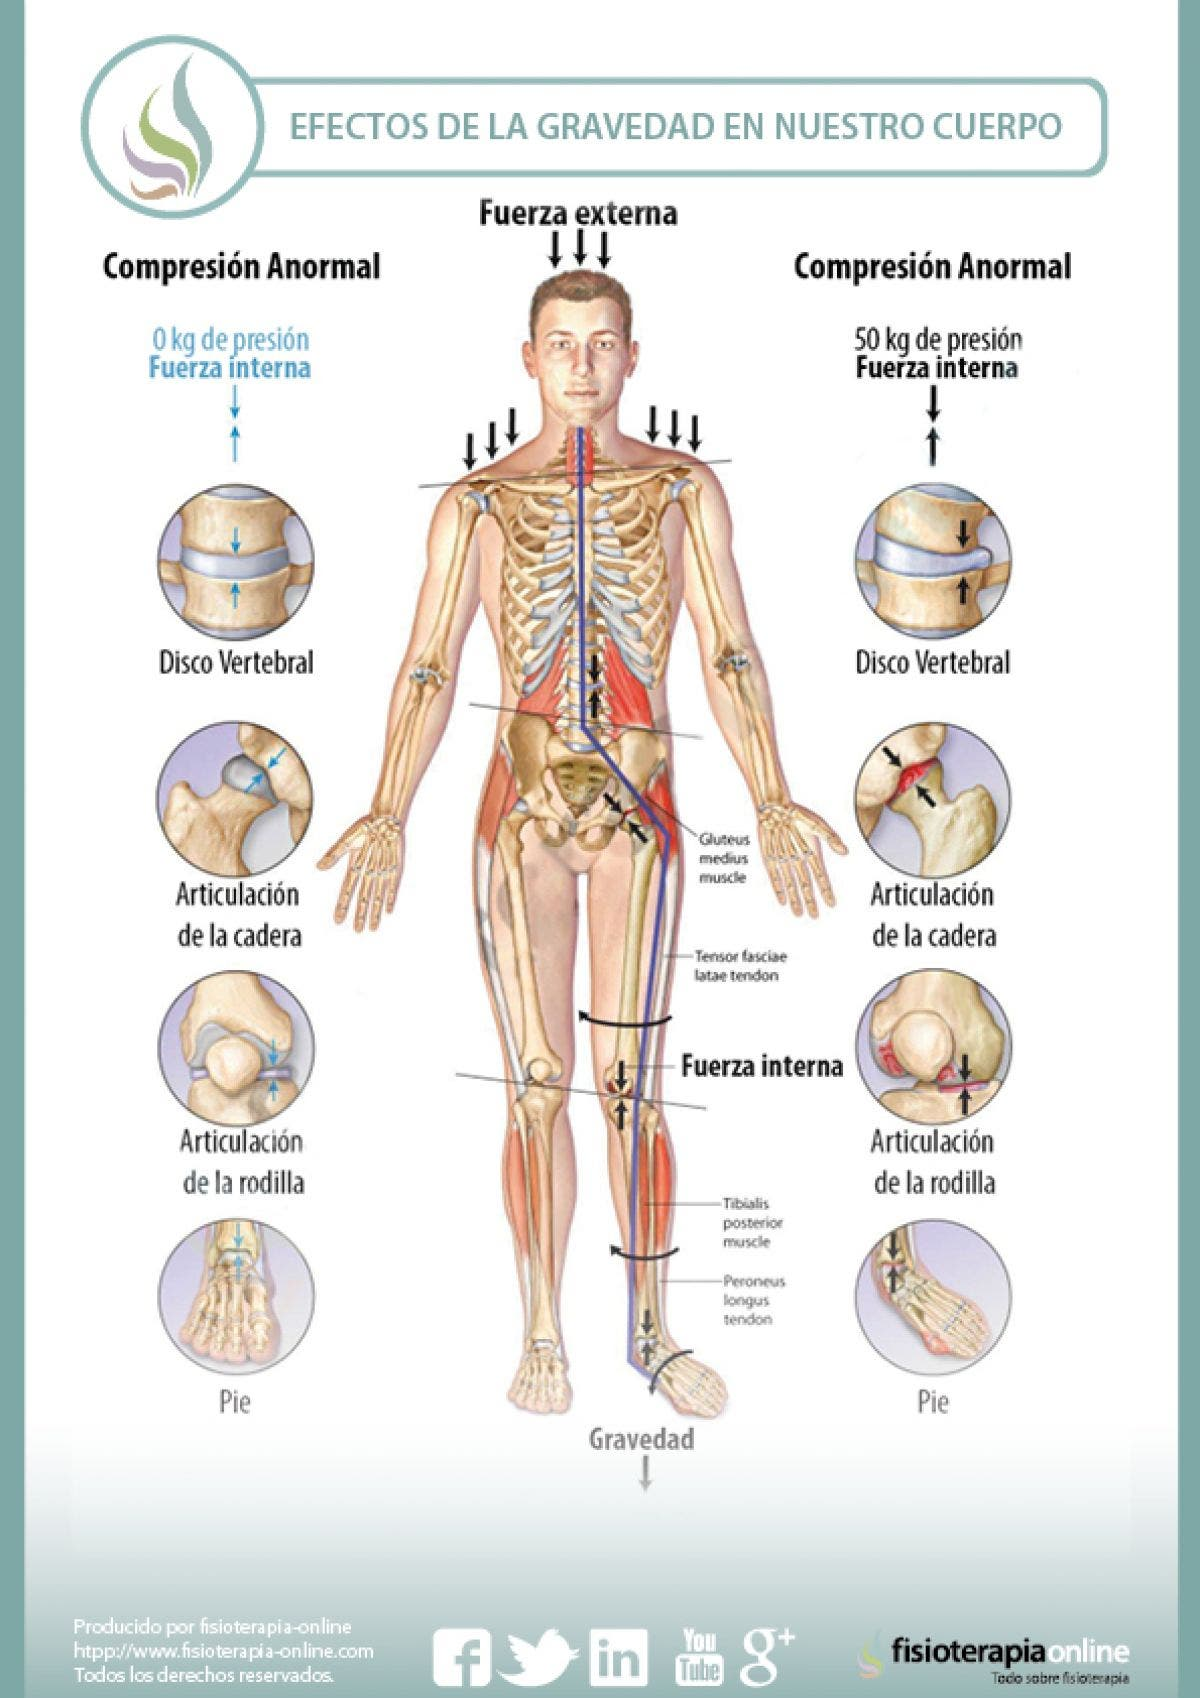 Que es una articulacion en el cuerpo humano